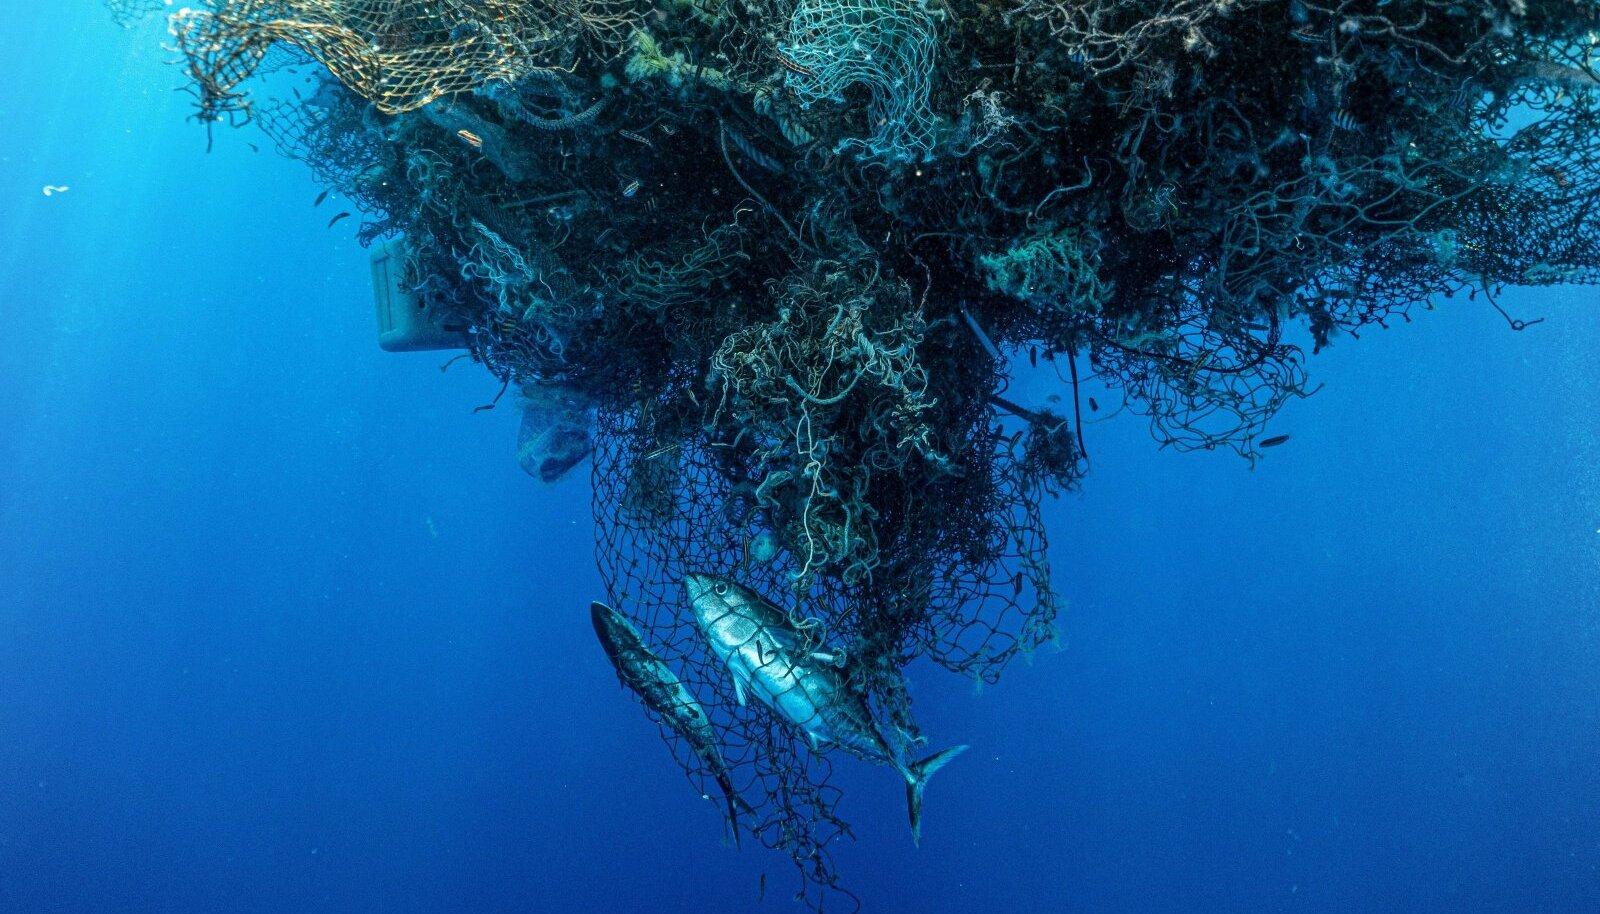 Üks filmi enim vastukaja tekitanud osa käsitleb mahajäetud kalavõrkude osakaalu mereprügis. Kuigi see ei pruugi olla nii suur, kui filmis väidetakse, on probleem reaalne ja oluline, sest neist saavad mereloomade lõksud ja nad lagunevad mikroplastiks.